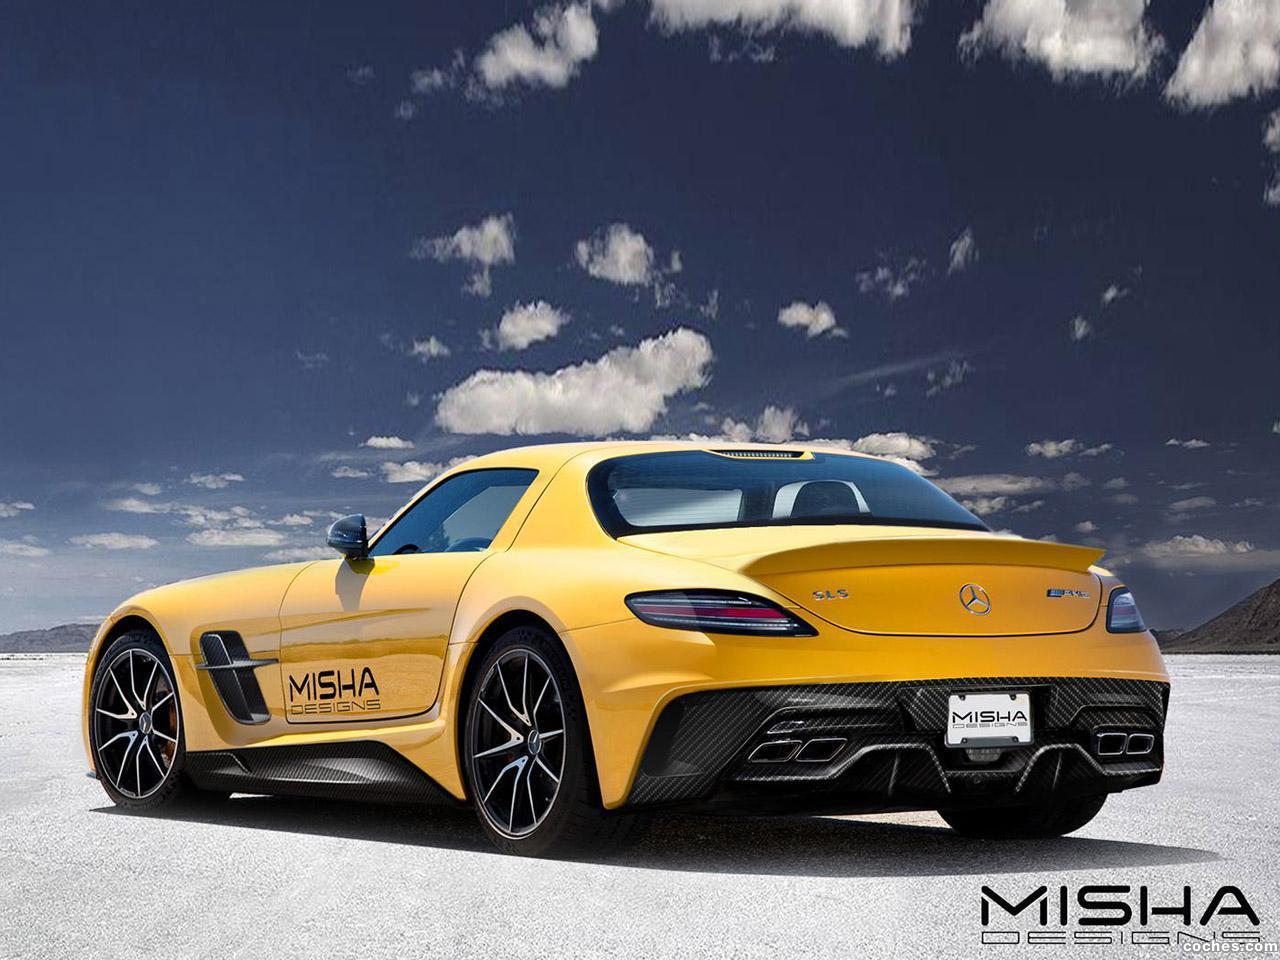 Foto 3 de Misha Mercedes SLS AMG 2014